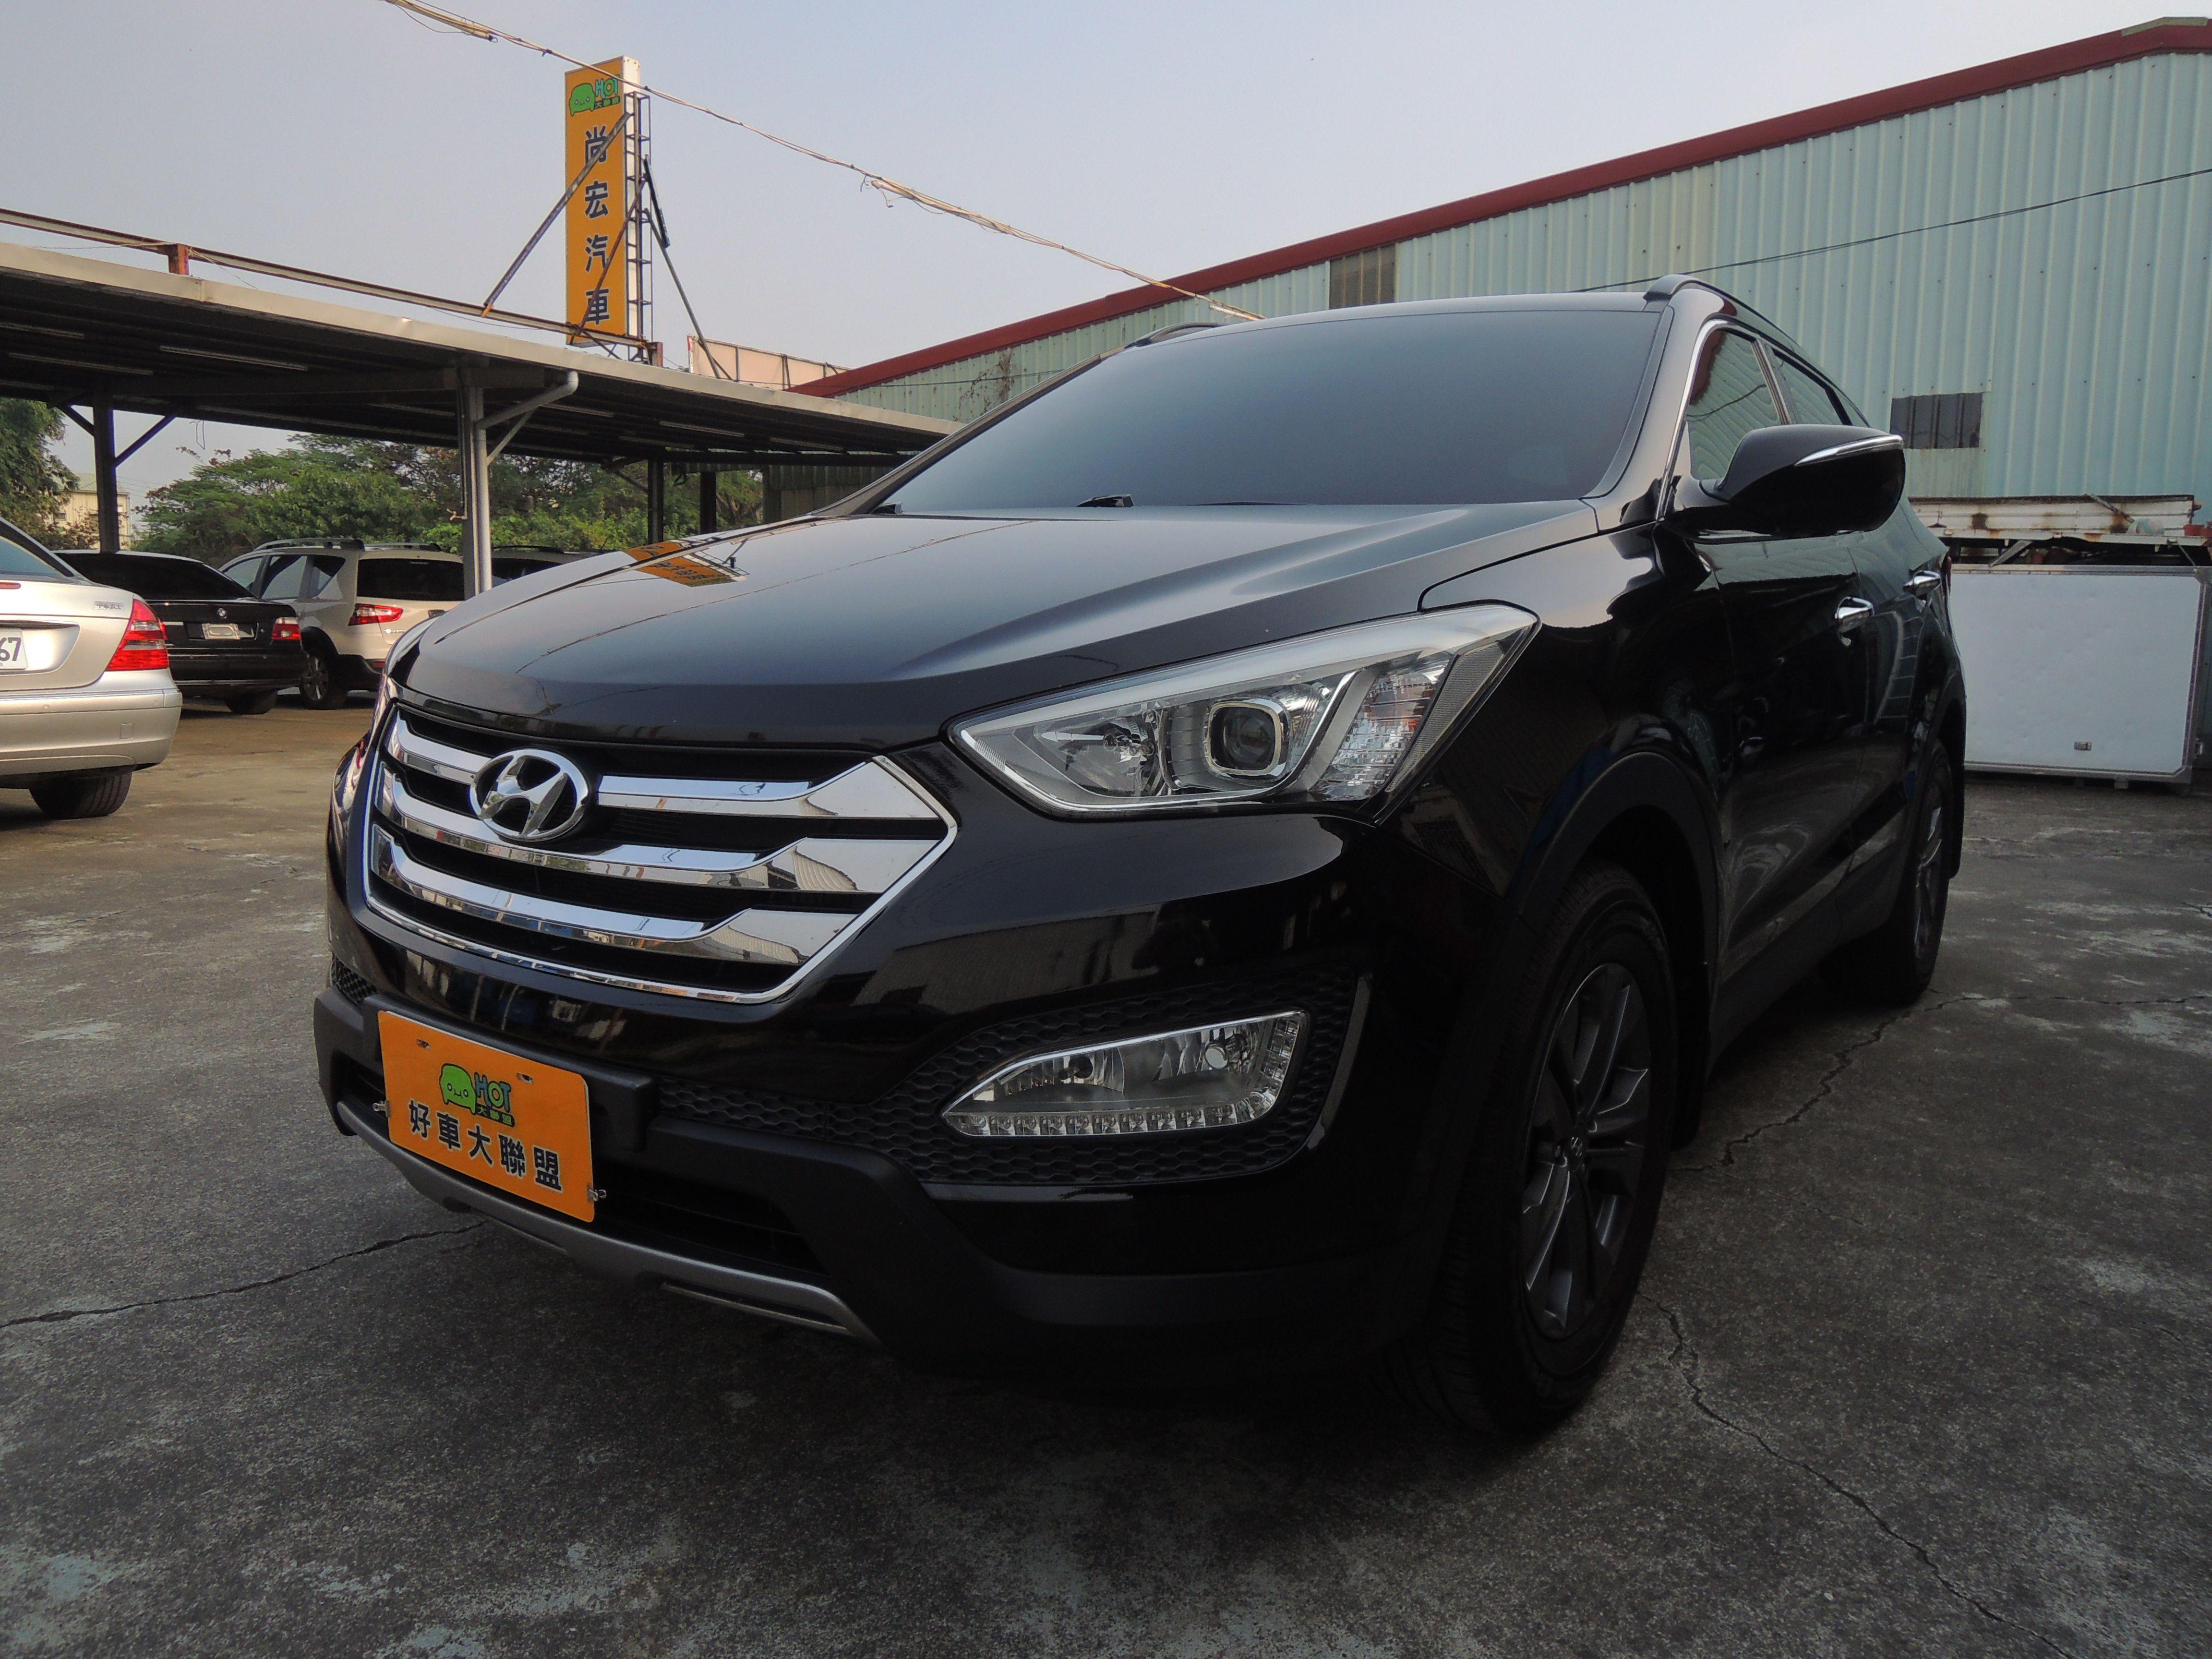 2014 Hyundai 現代 Santa fe